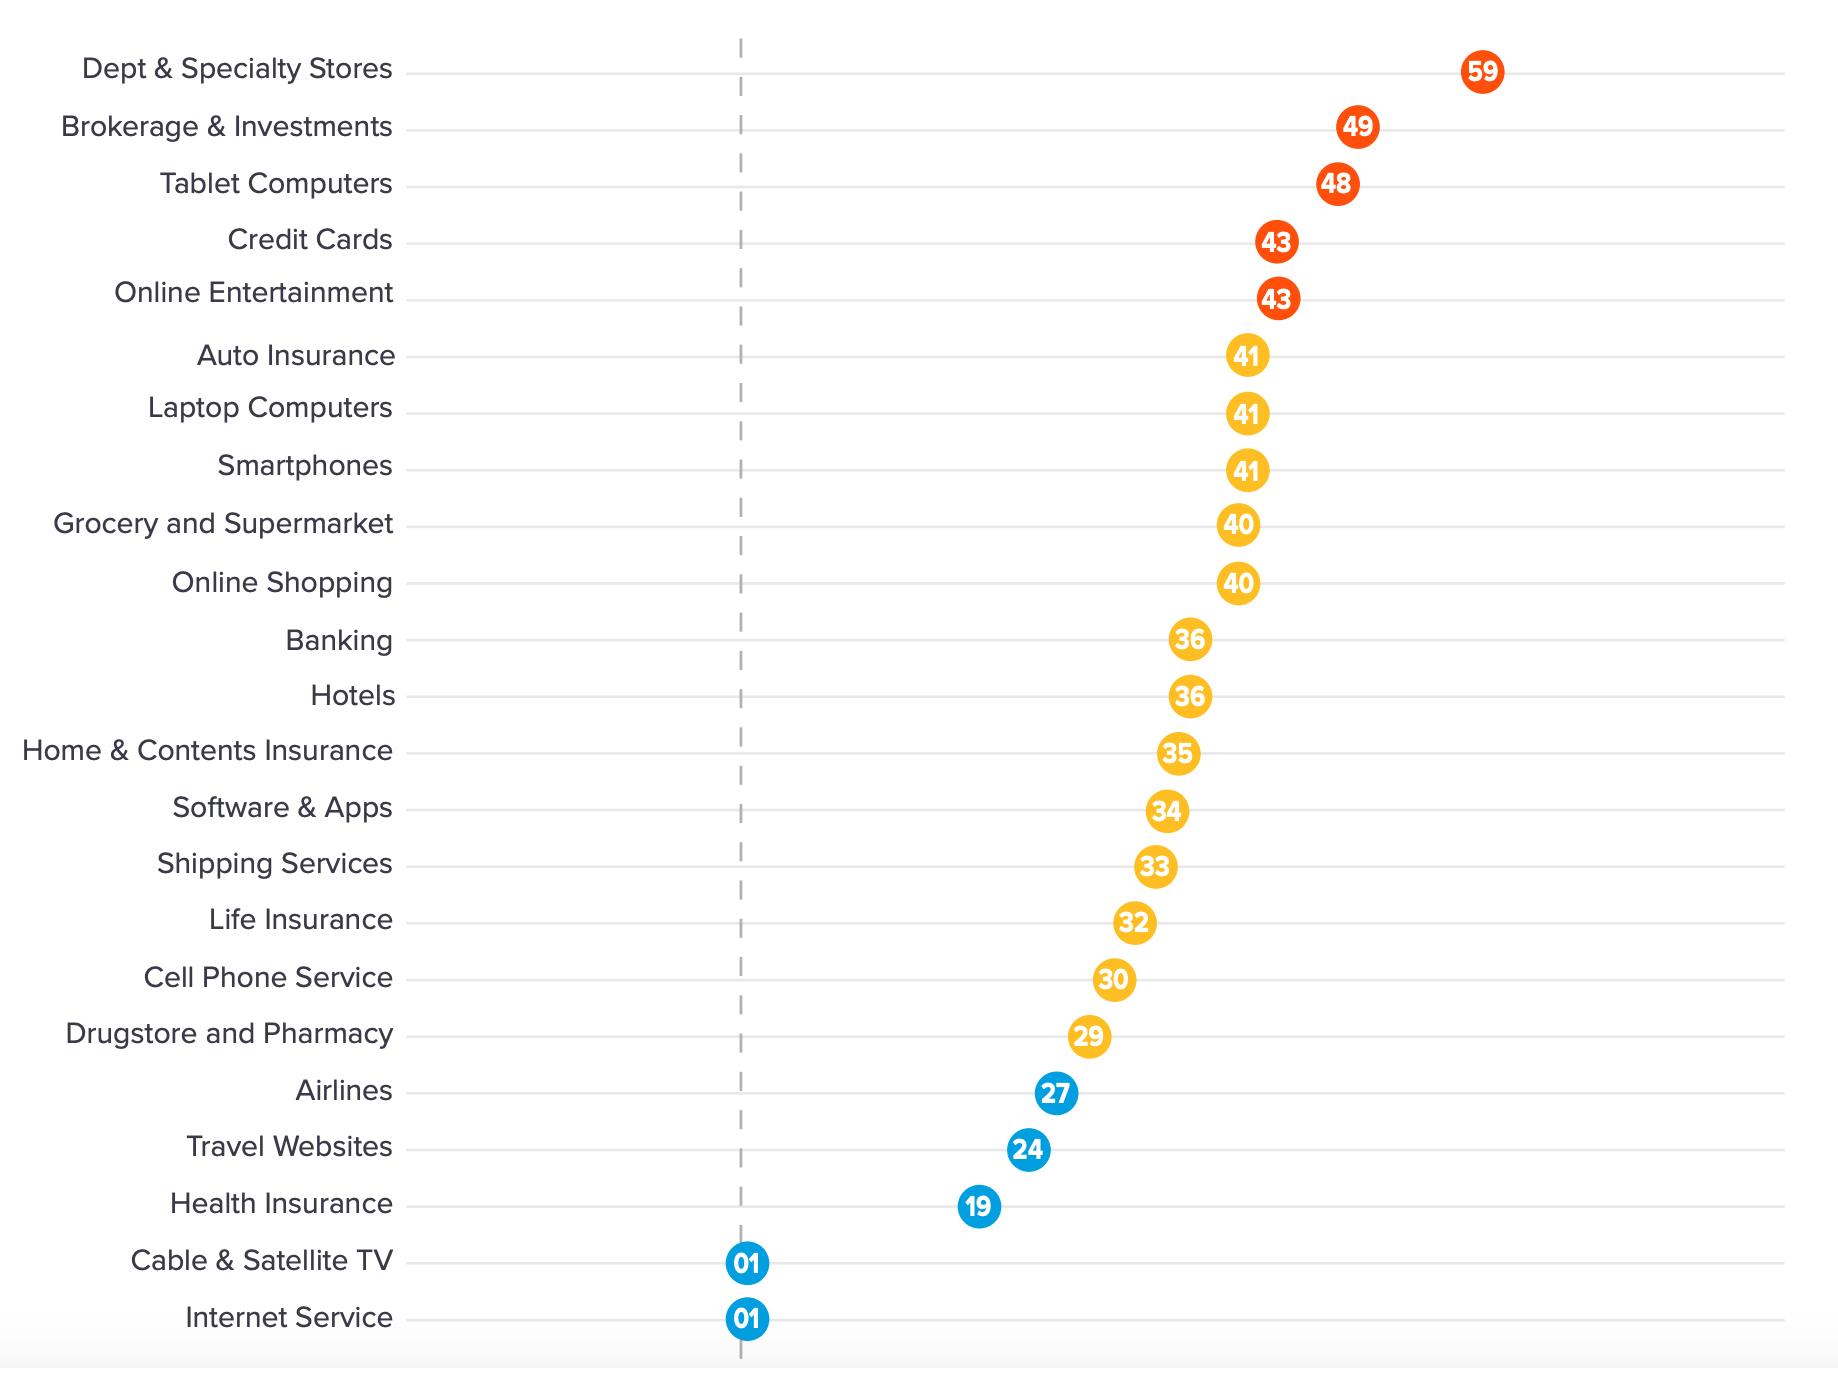 NPS Benchmarks verschiedener Branchen